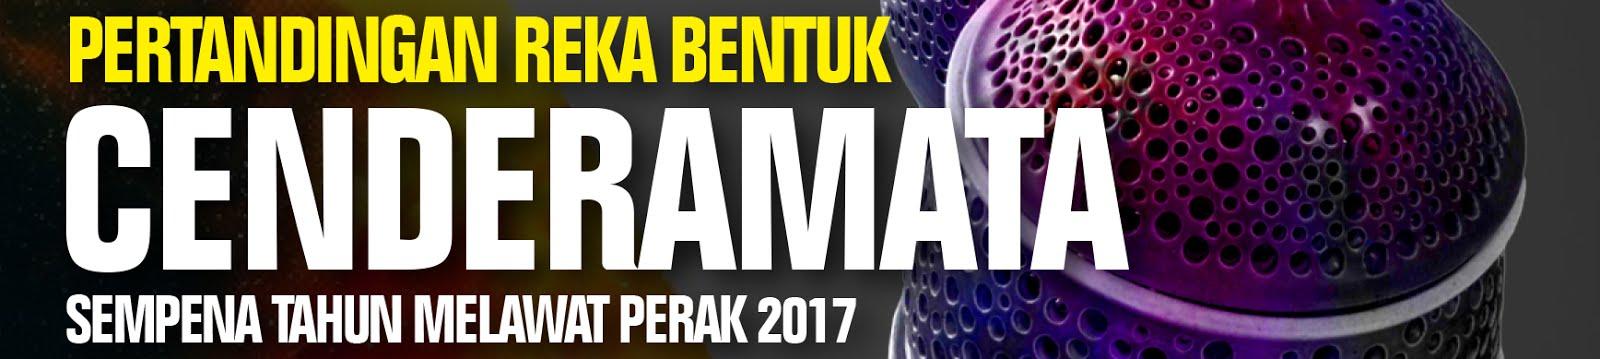 Pertandingan Reka Bentuk Cenderamata Sempena Tahun Melawat Perak 2017